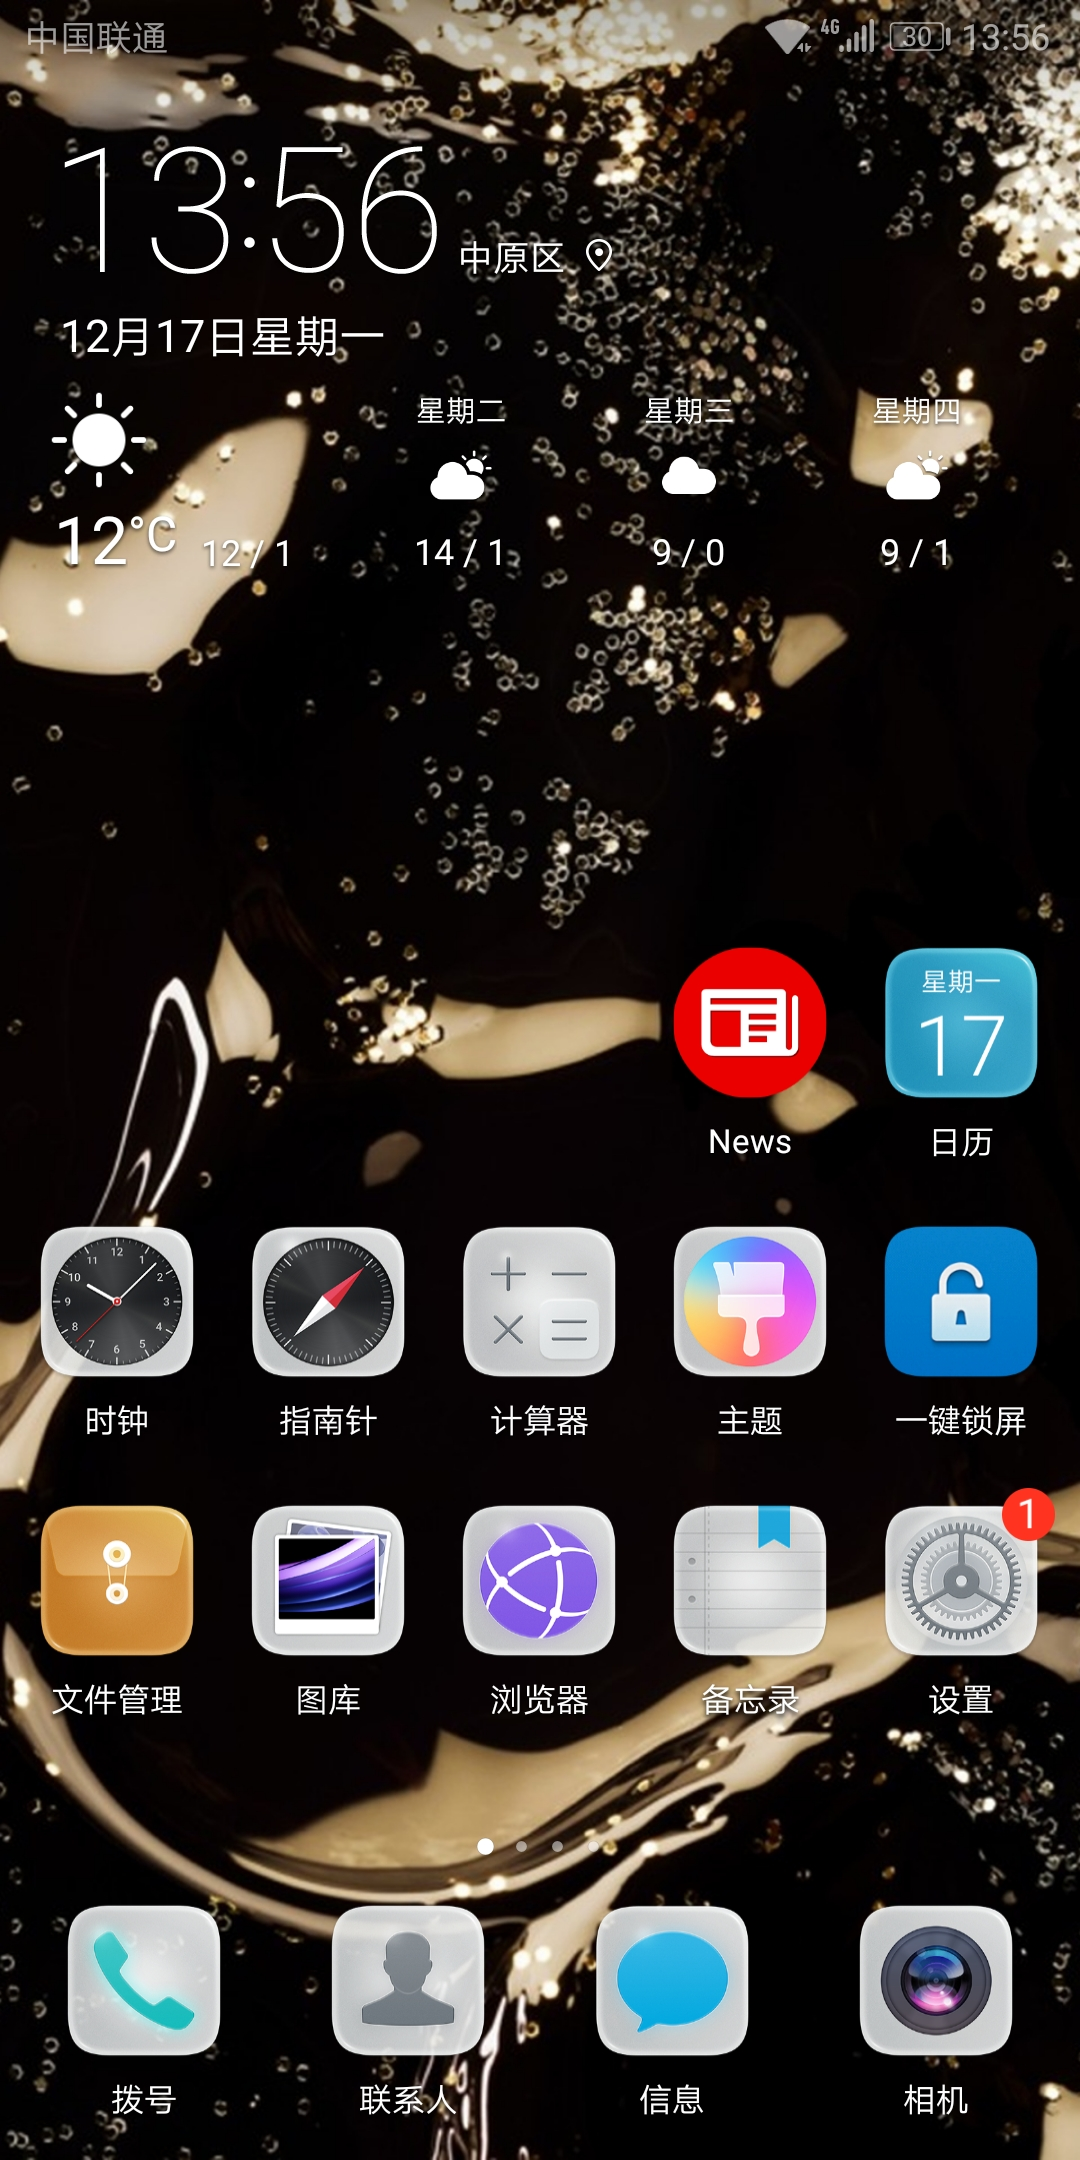 Screenshot_20181217-135618.jpg